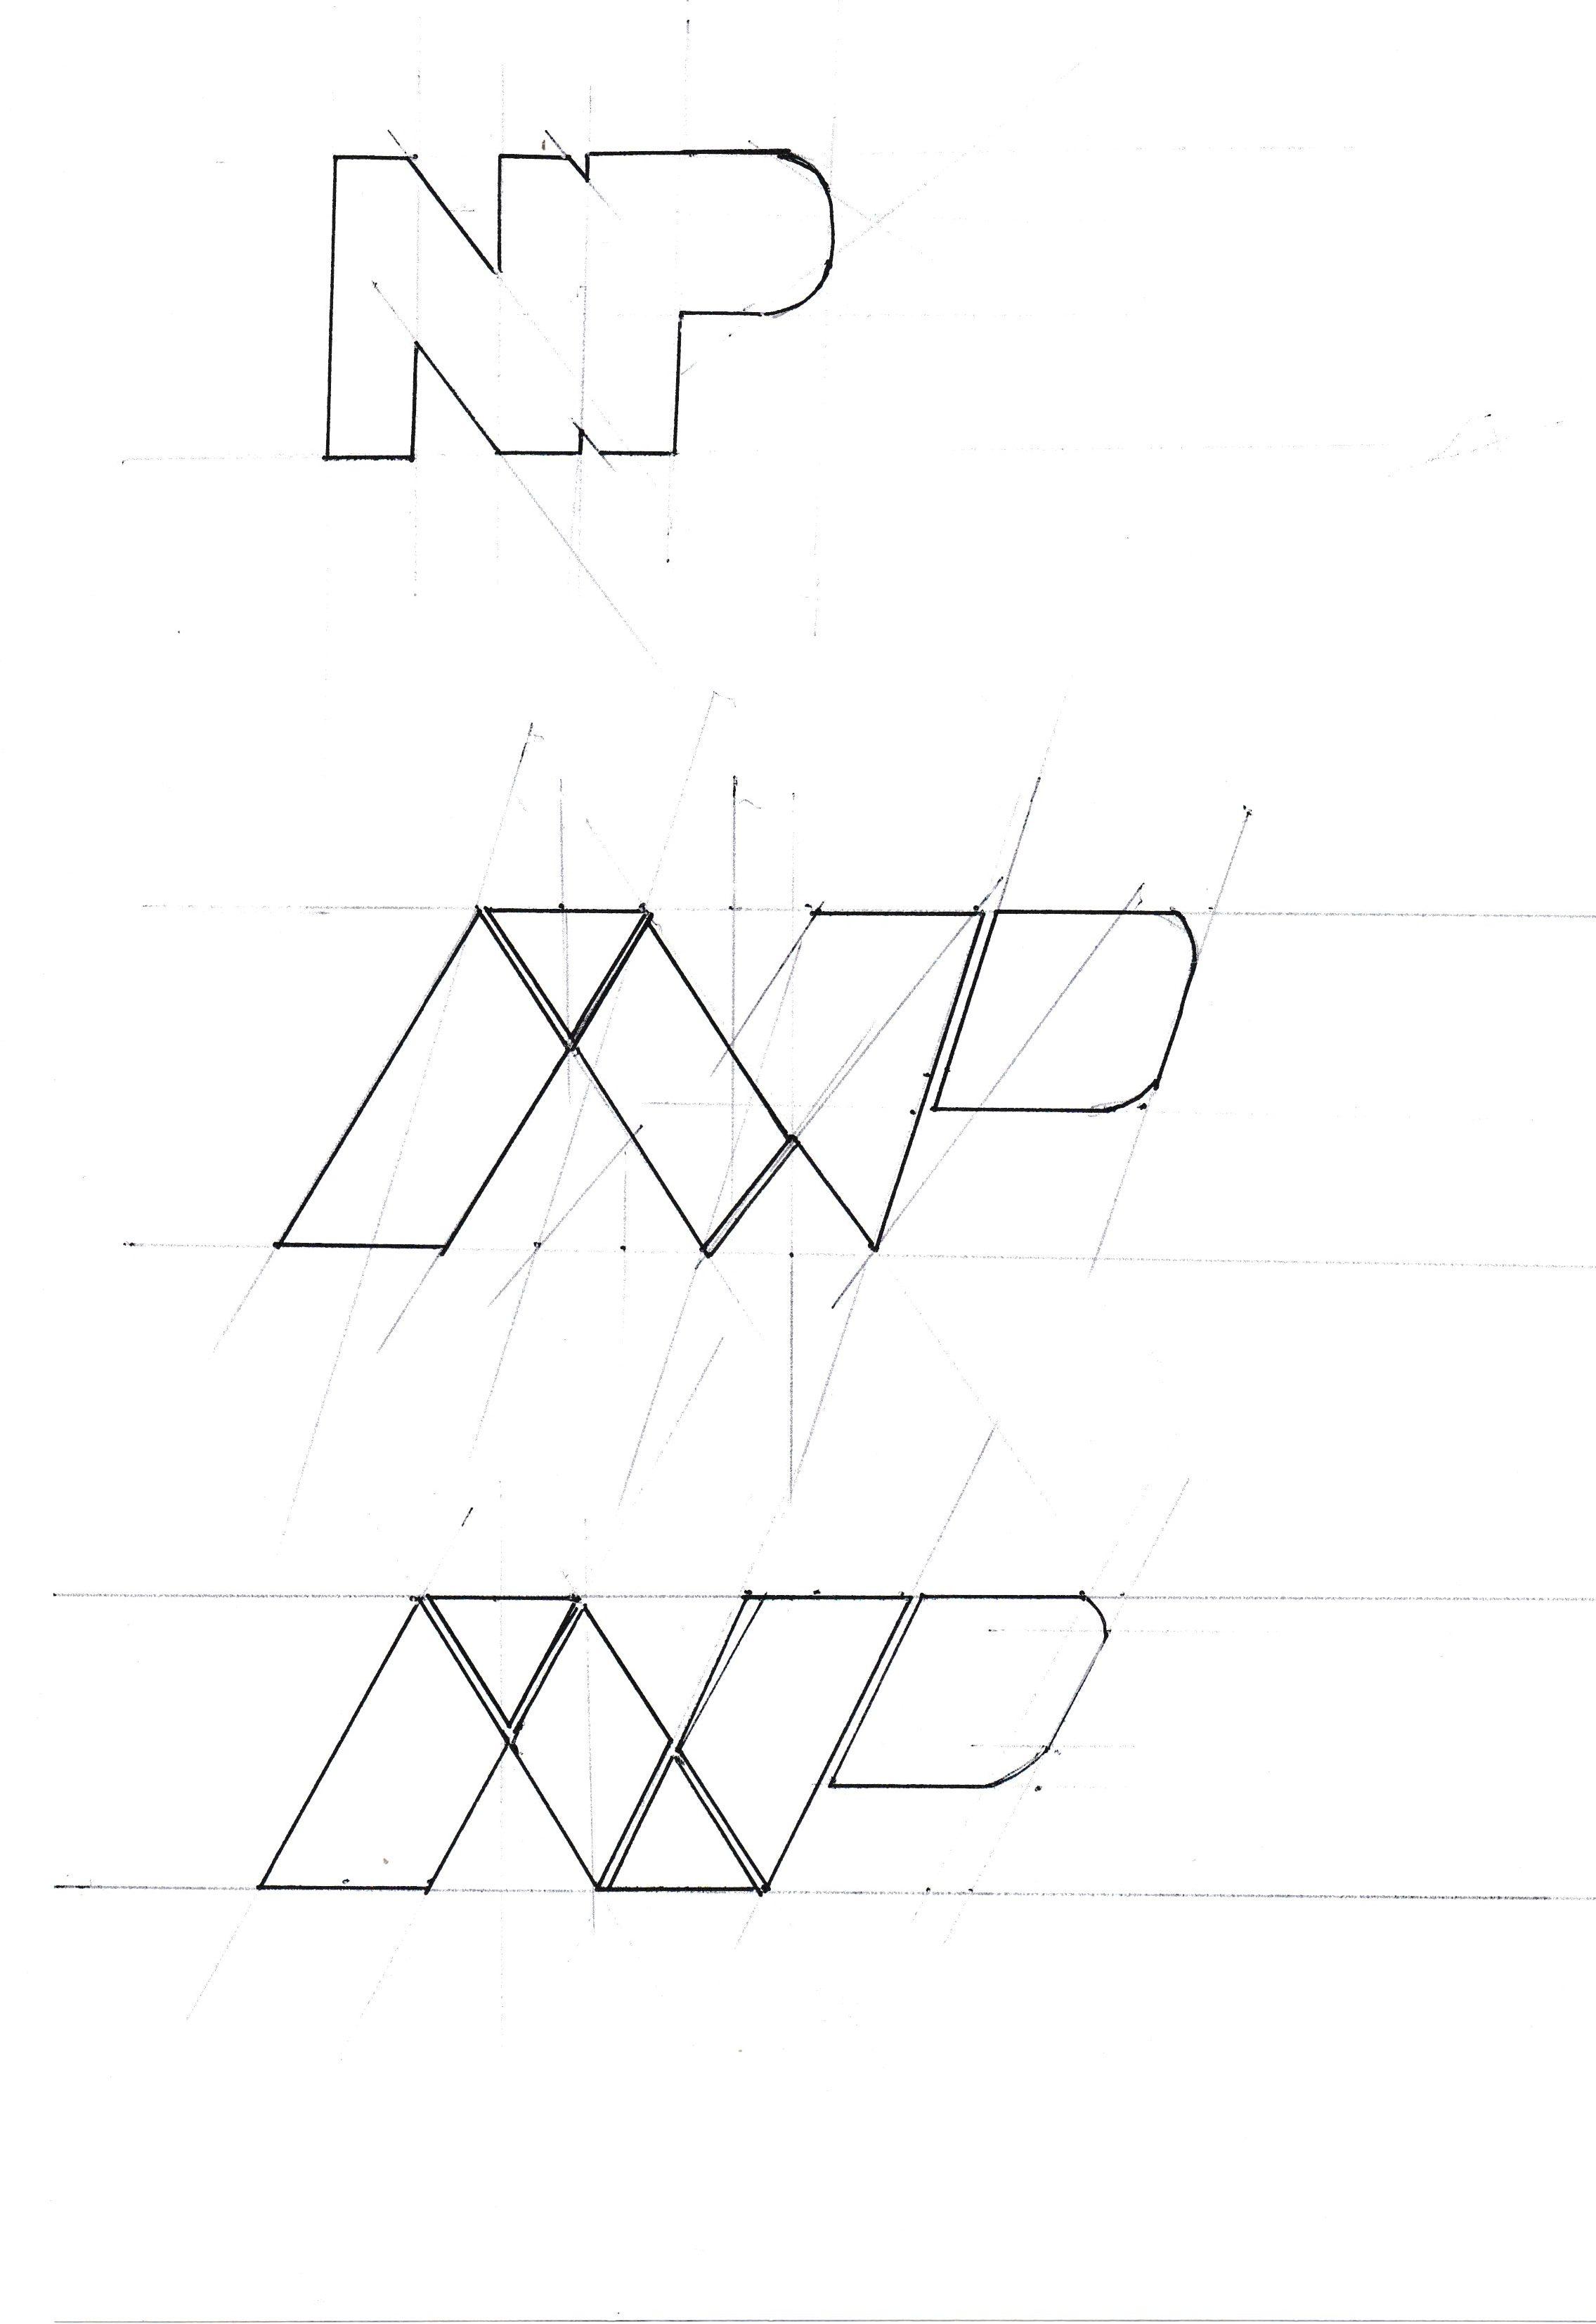 Nextpoint Limited – Sketch